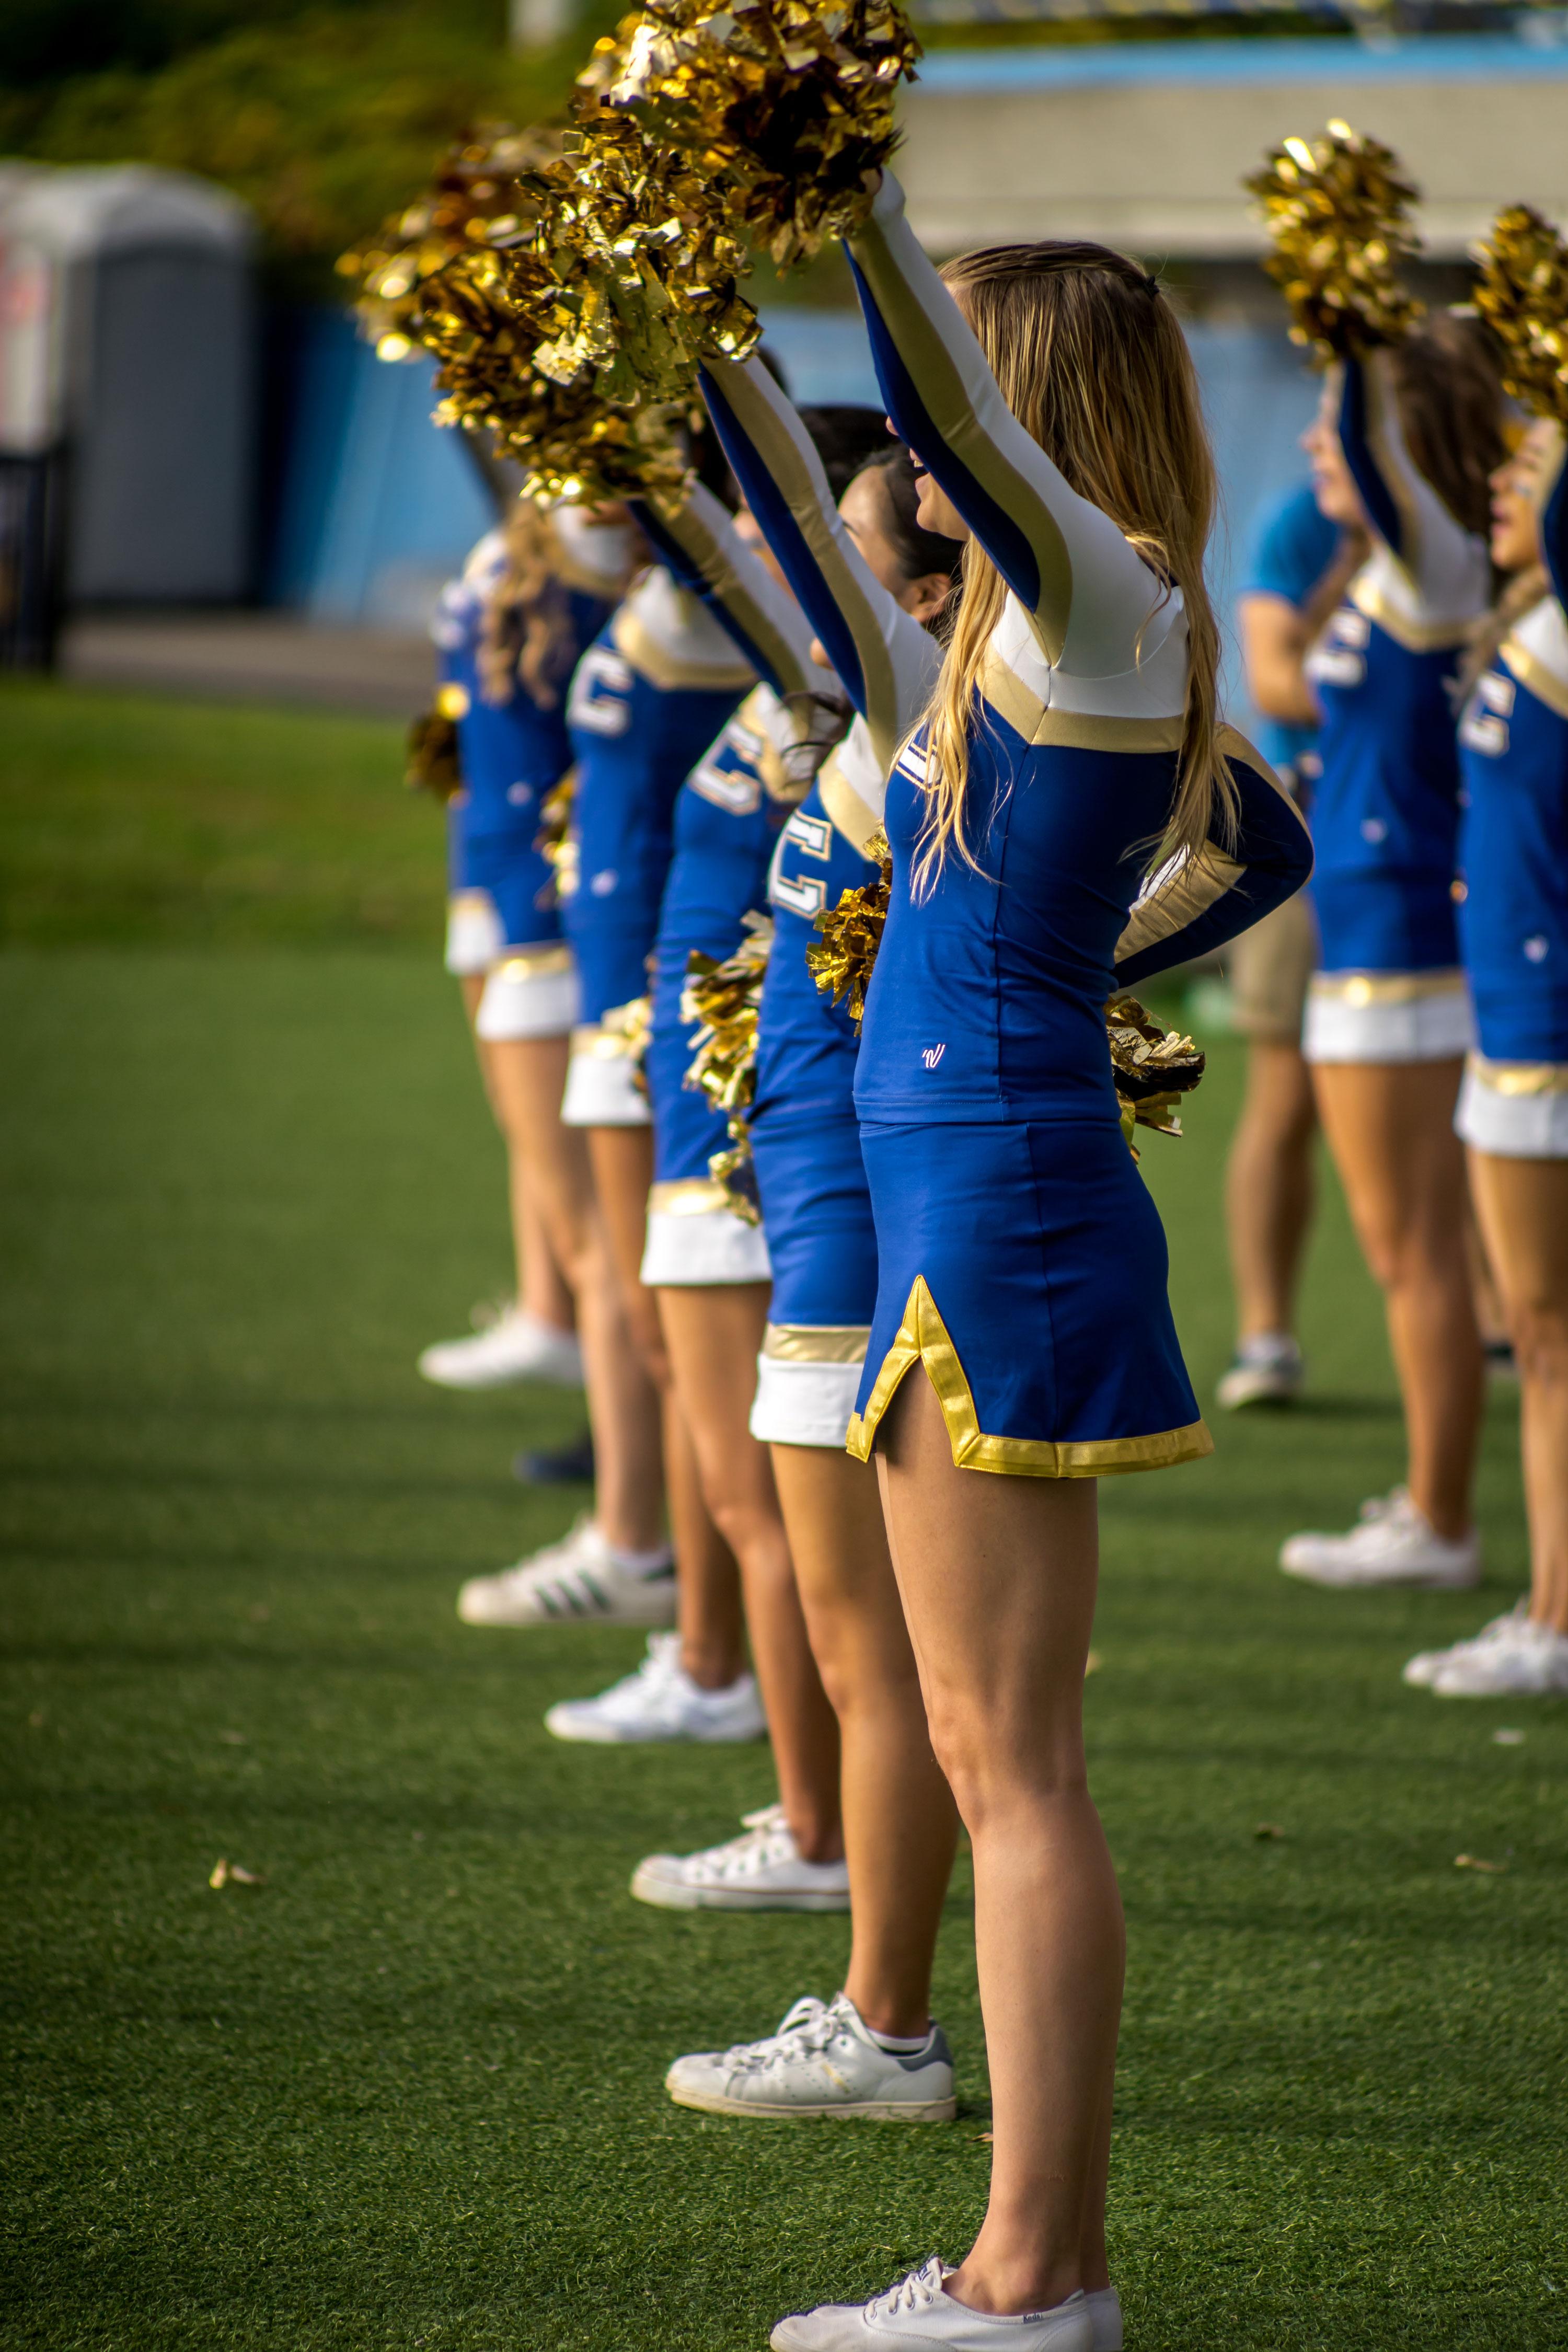 Cheerleaders at Homecoming 2017